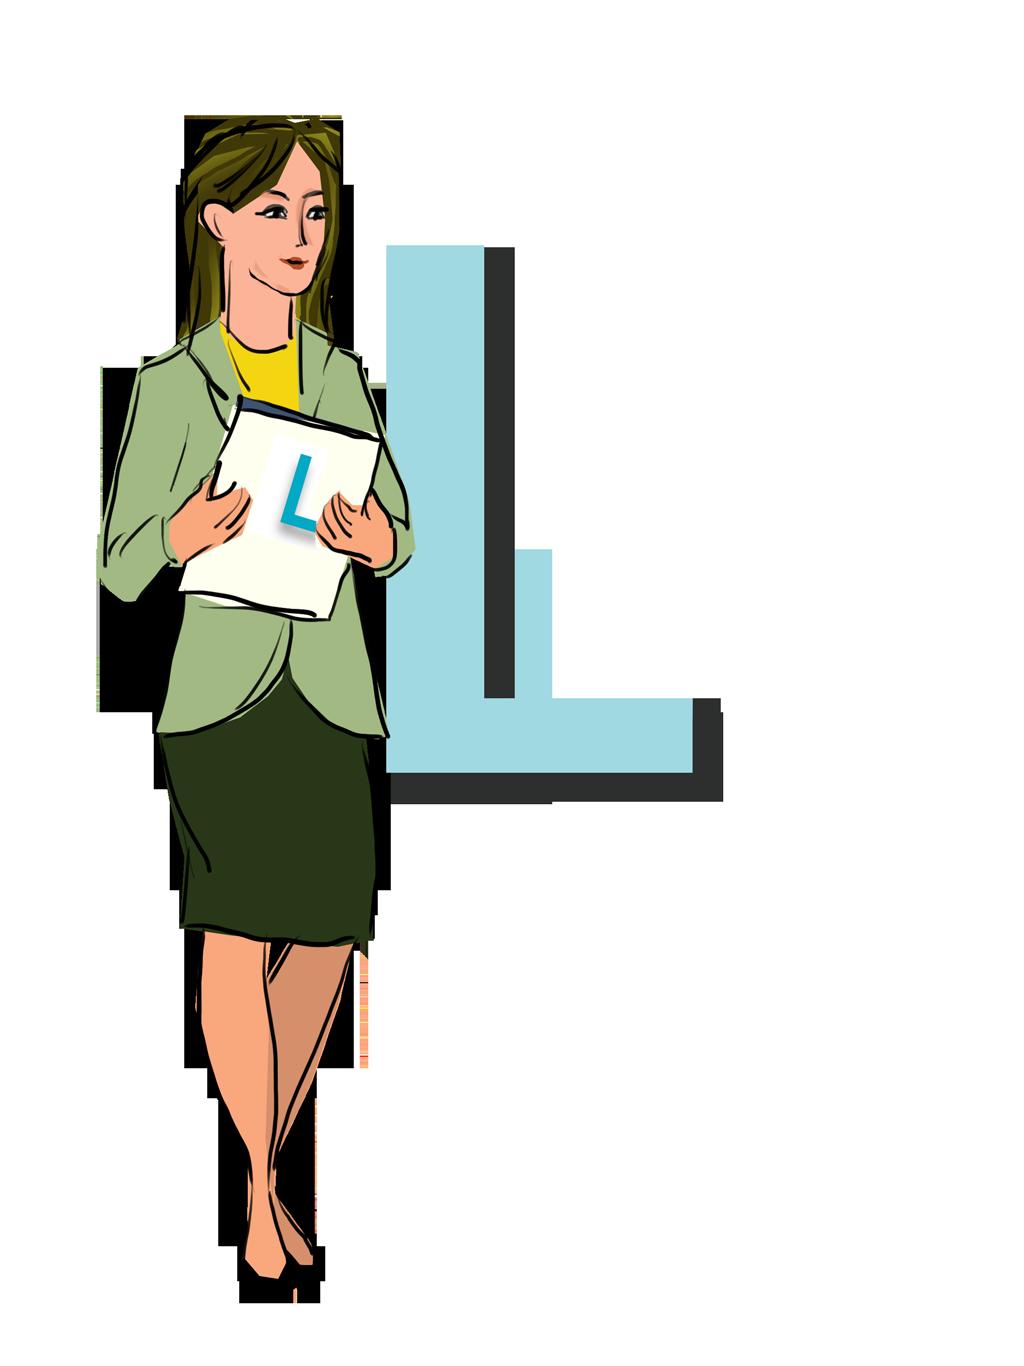 Versicherungen für Berufsbetreuer mit Vermögensschaden Haftpflichtversicherung - Erfahrungsbericht Maria C.